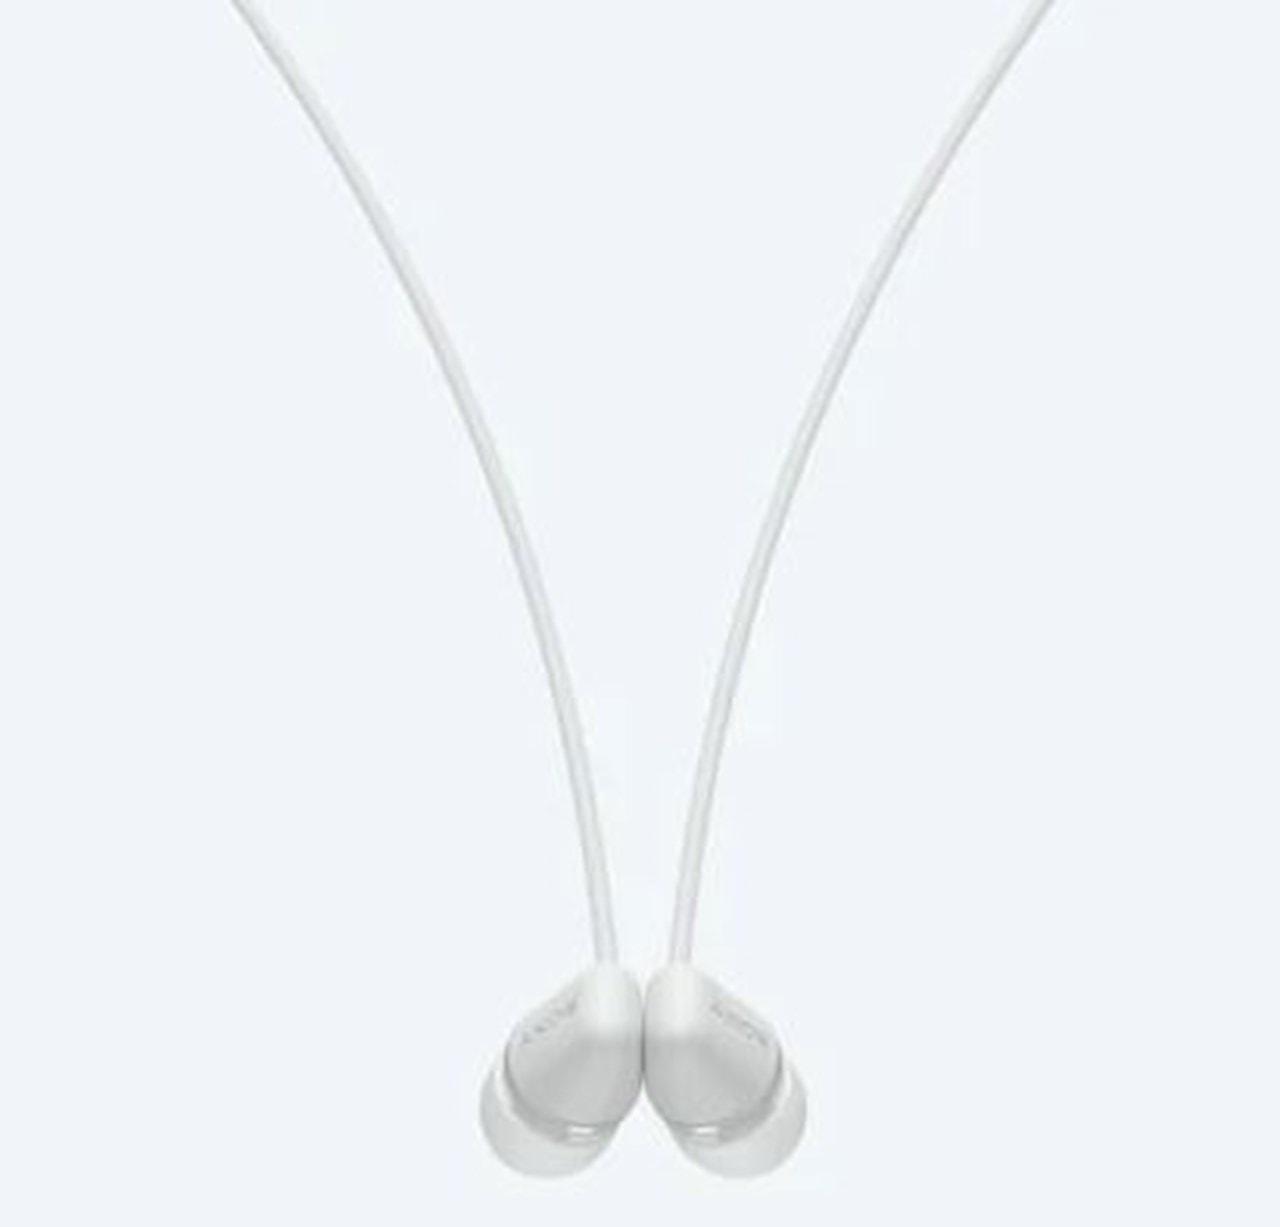 Sony WI-C200 White Bluetooth Earphones - 4